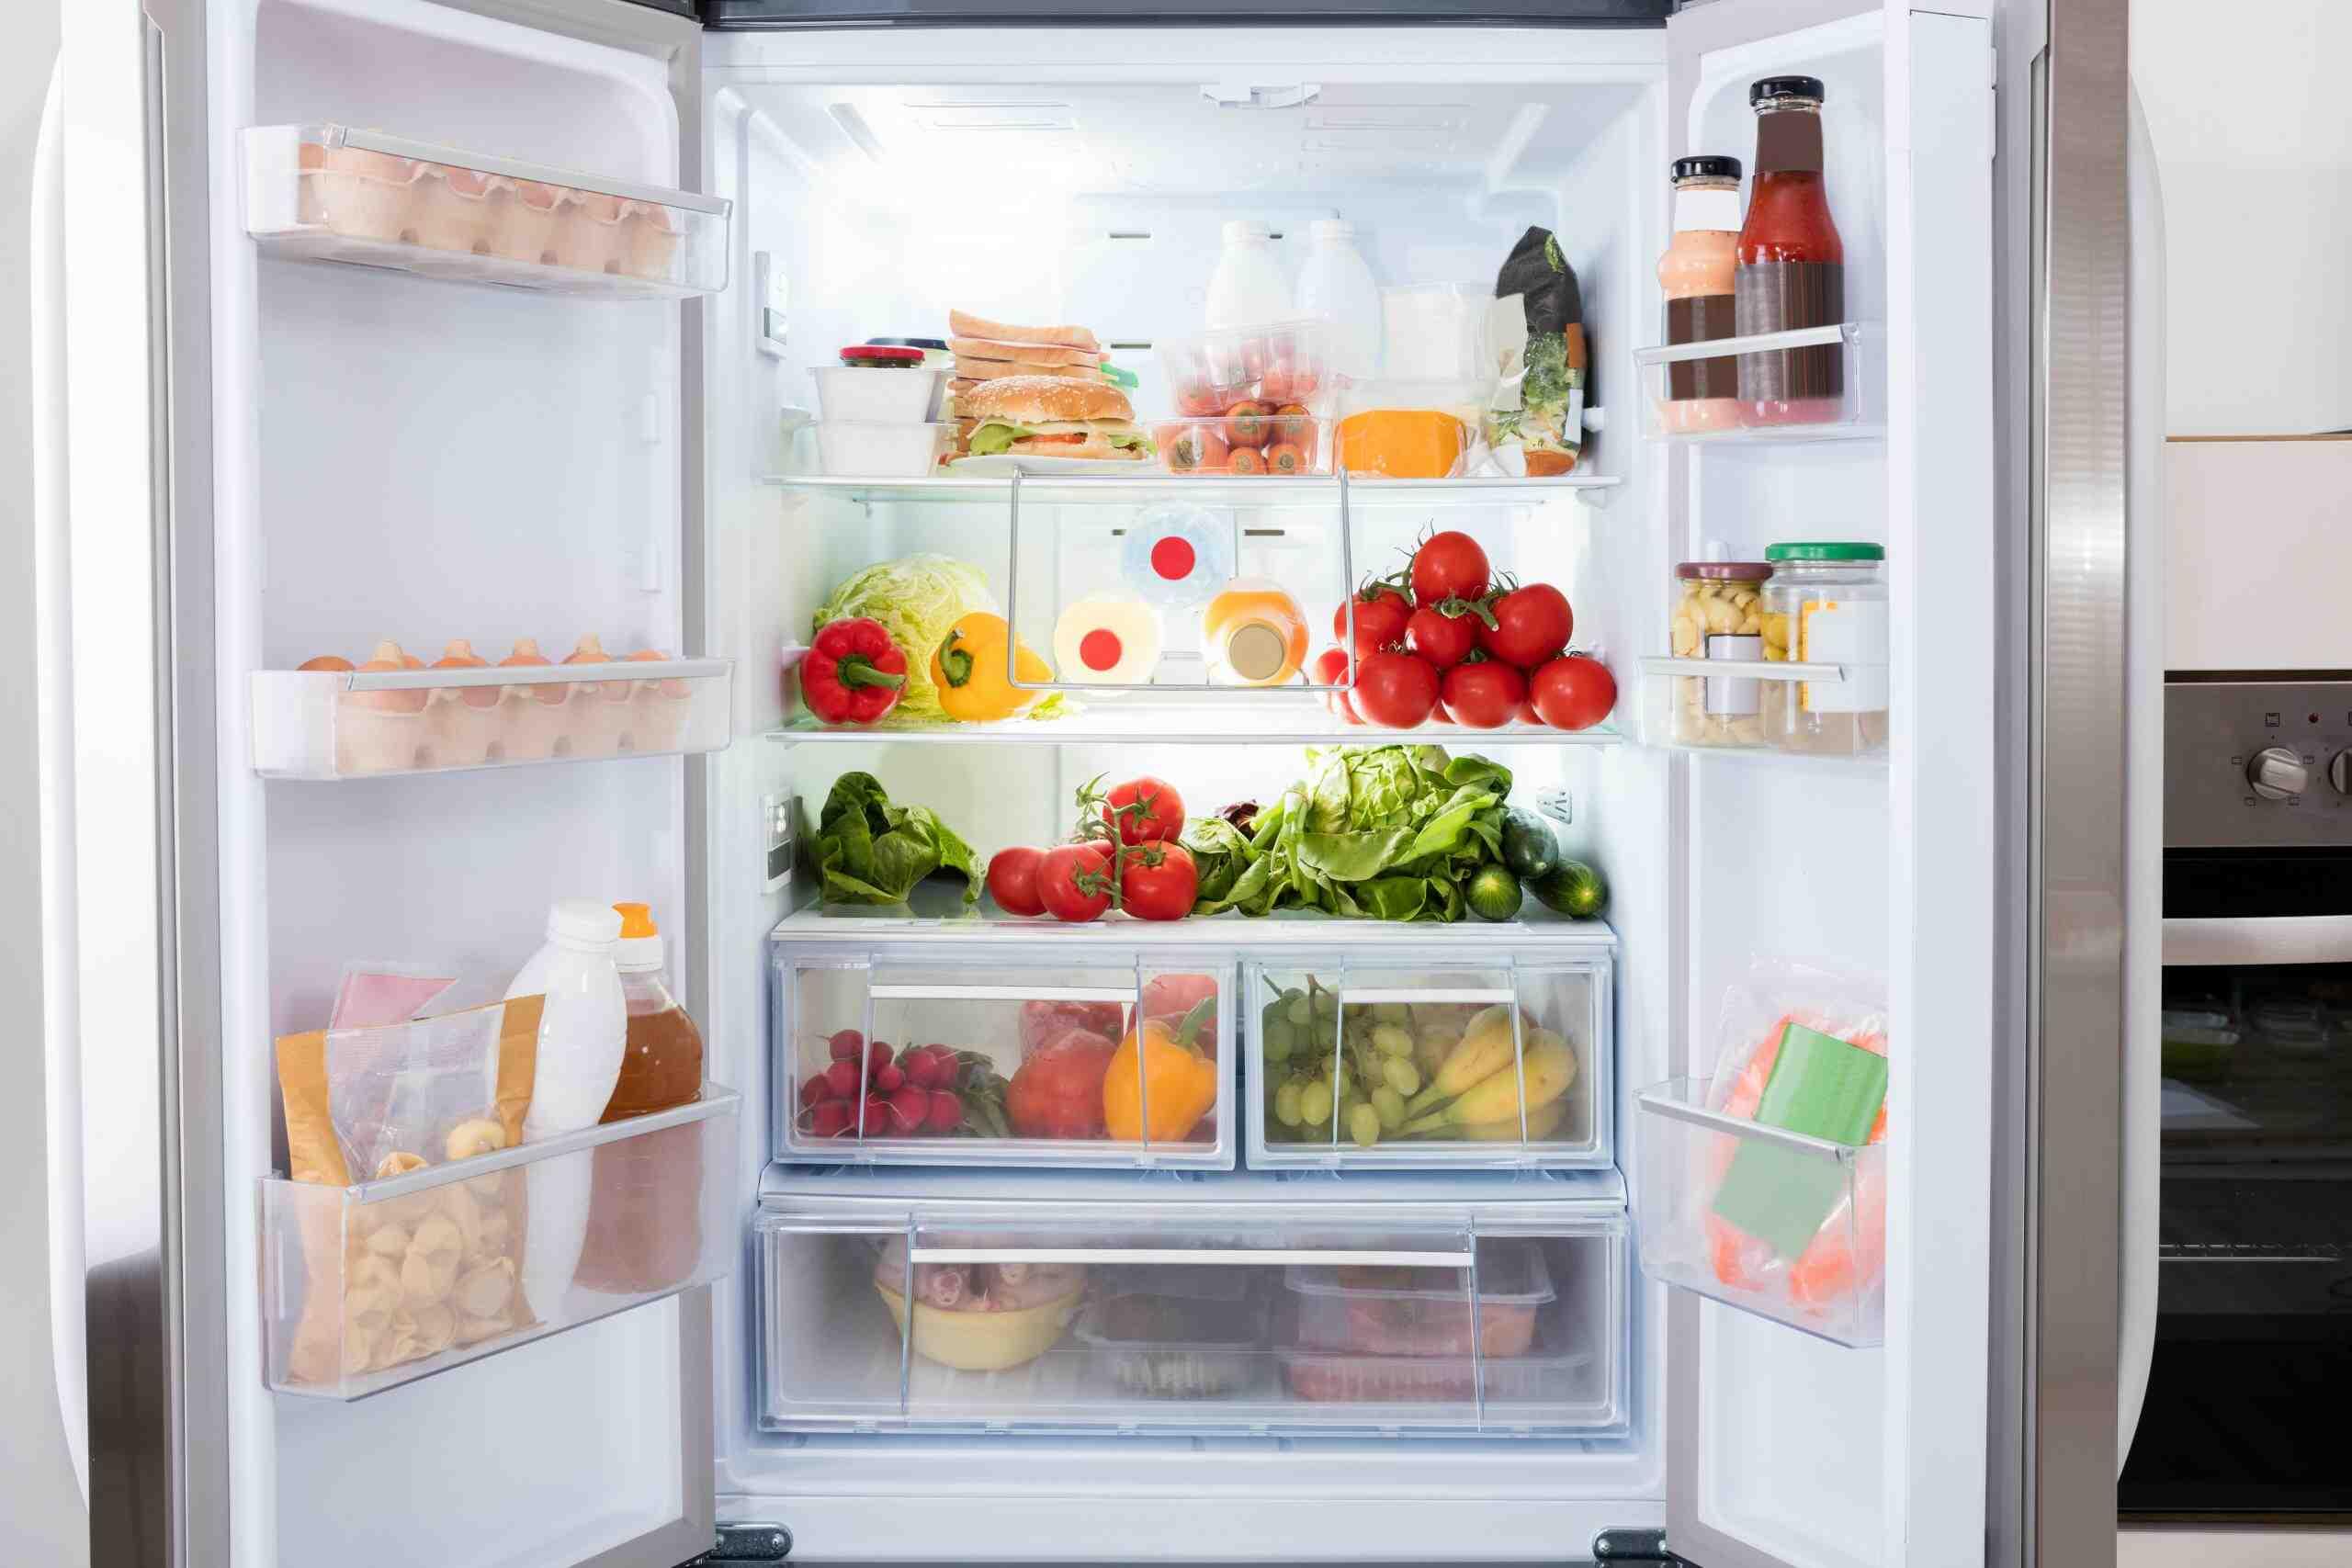 Quelle est la partie la moins froide dans un frigo ?